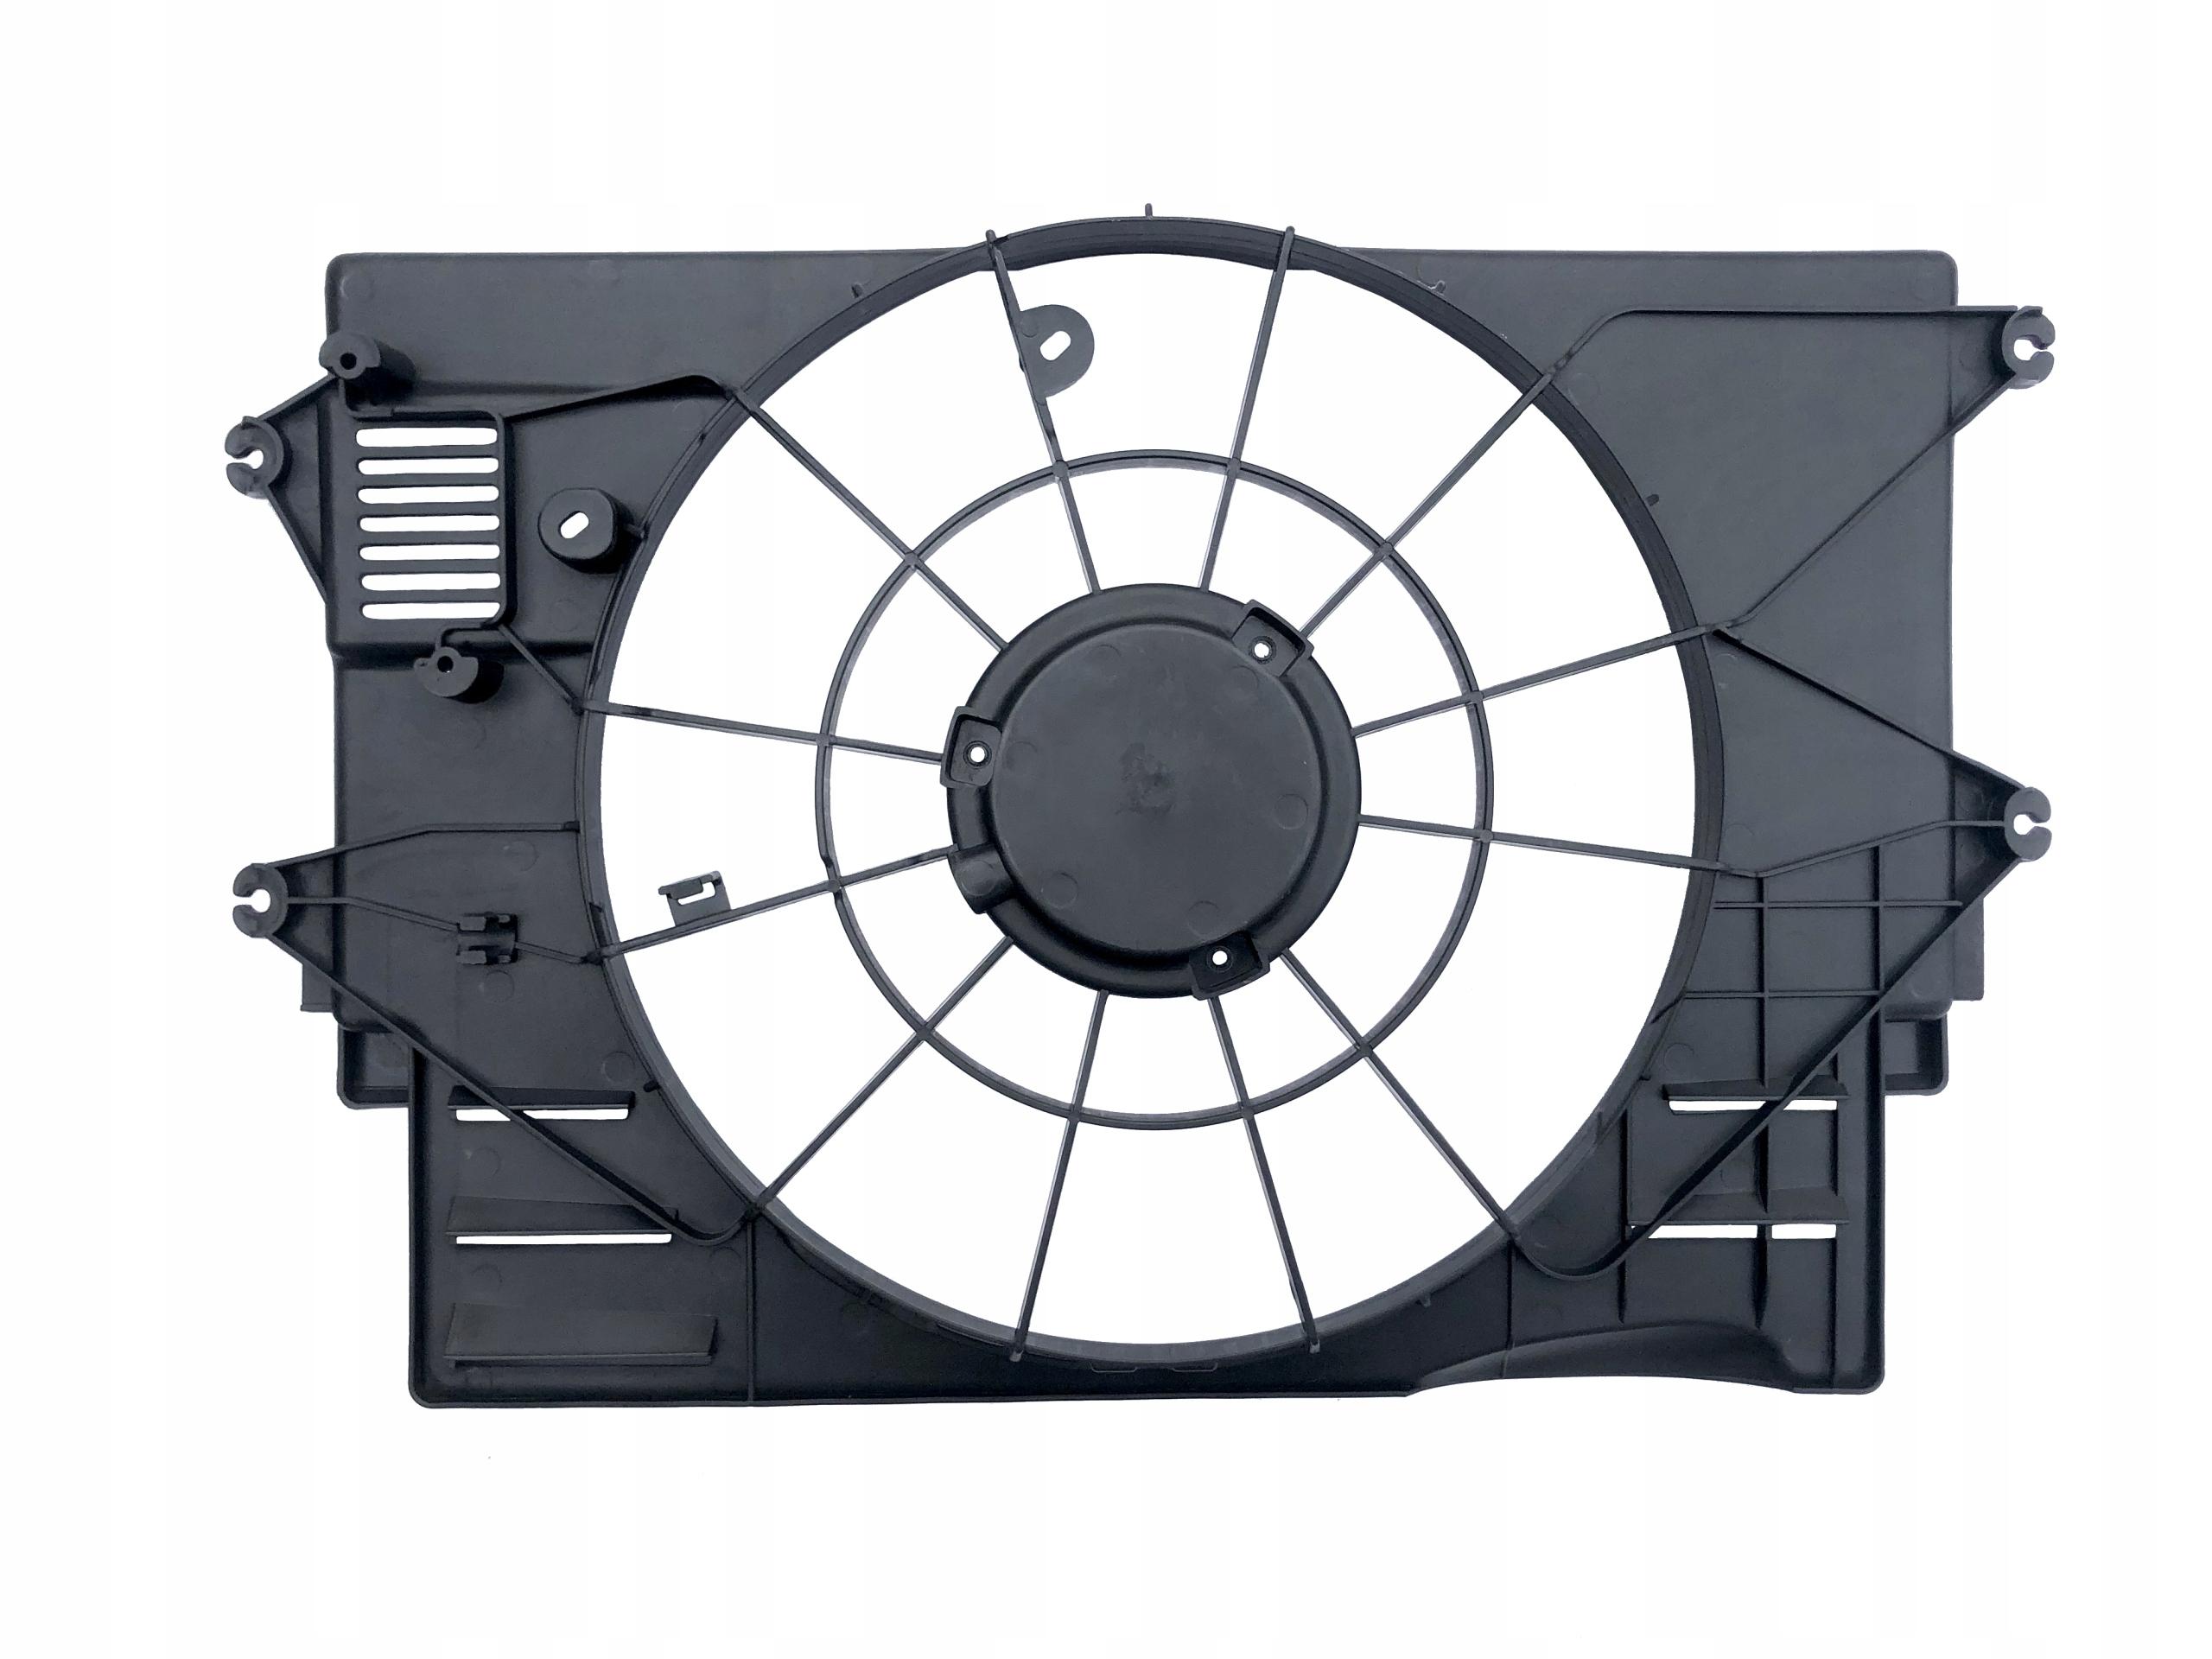 корпус вентилятора hyundai кона 2017-